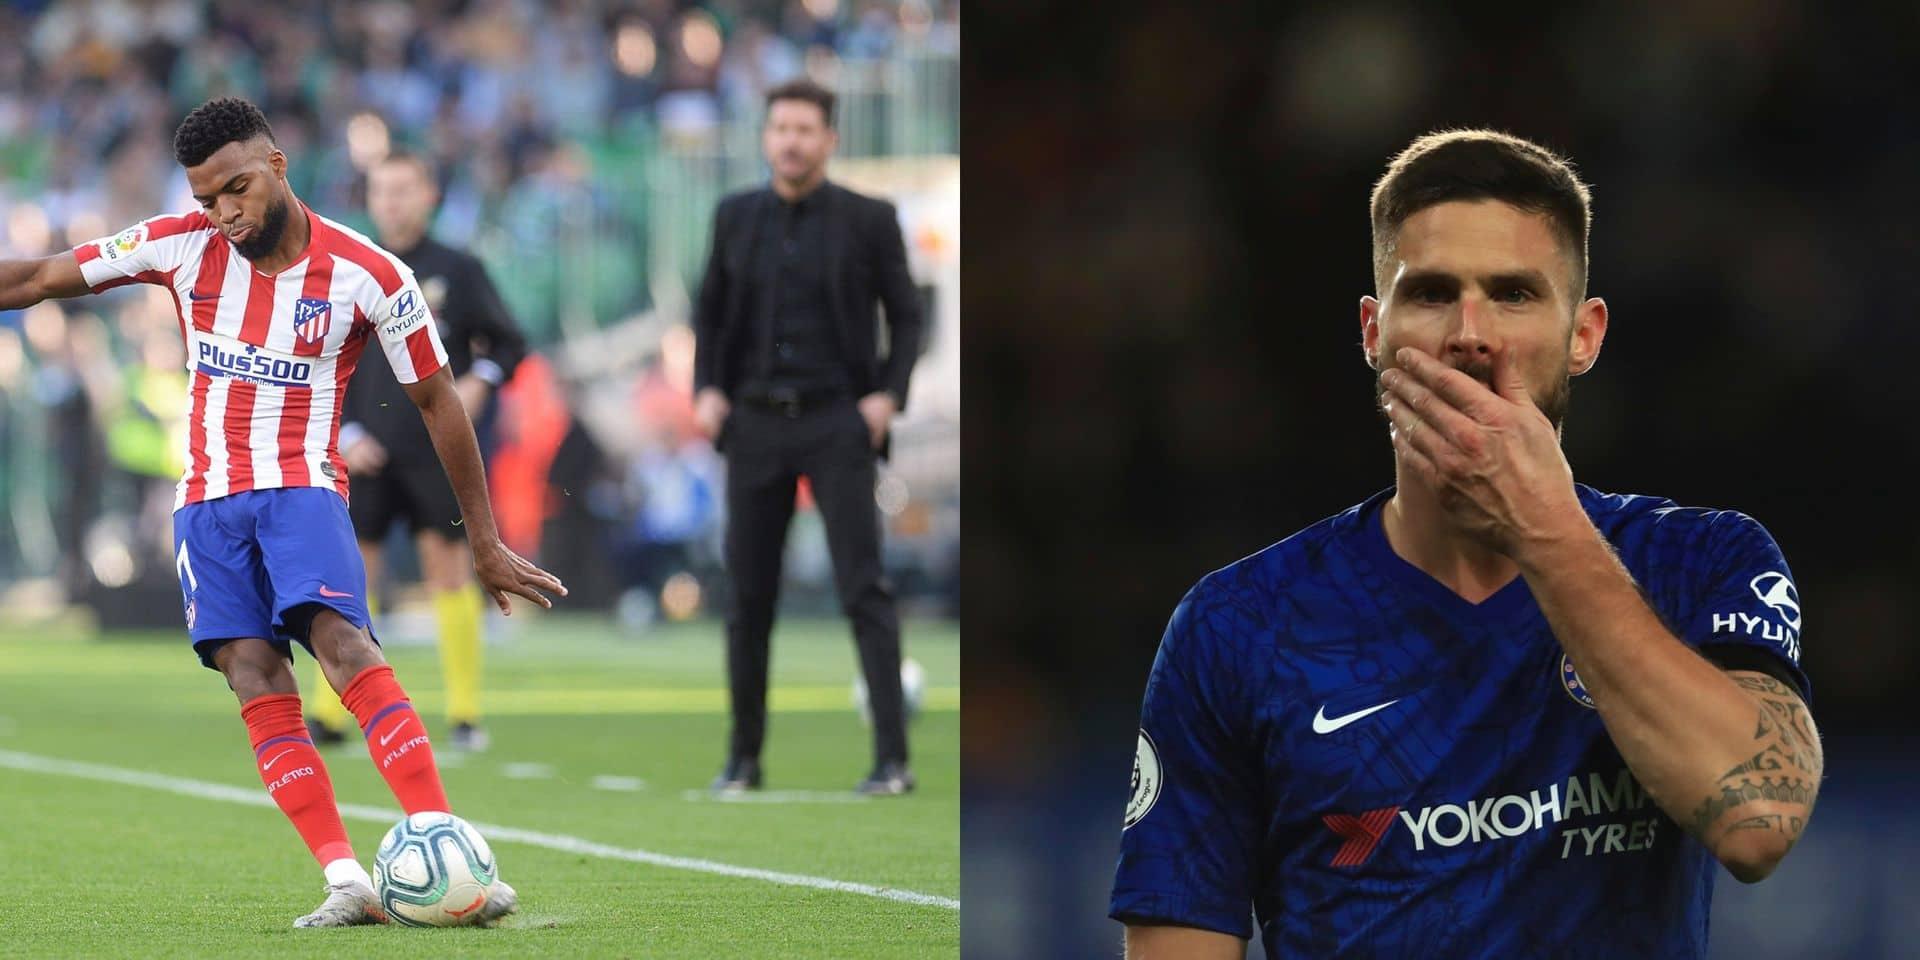 Journal du mercato (03/01): le Club Bruges s'offre un nouvel attaquant, Giroud condamné à rester à Chelsea?